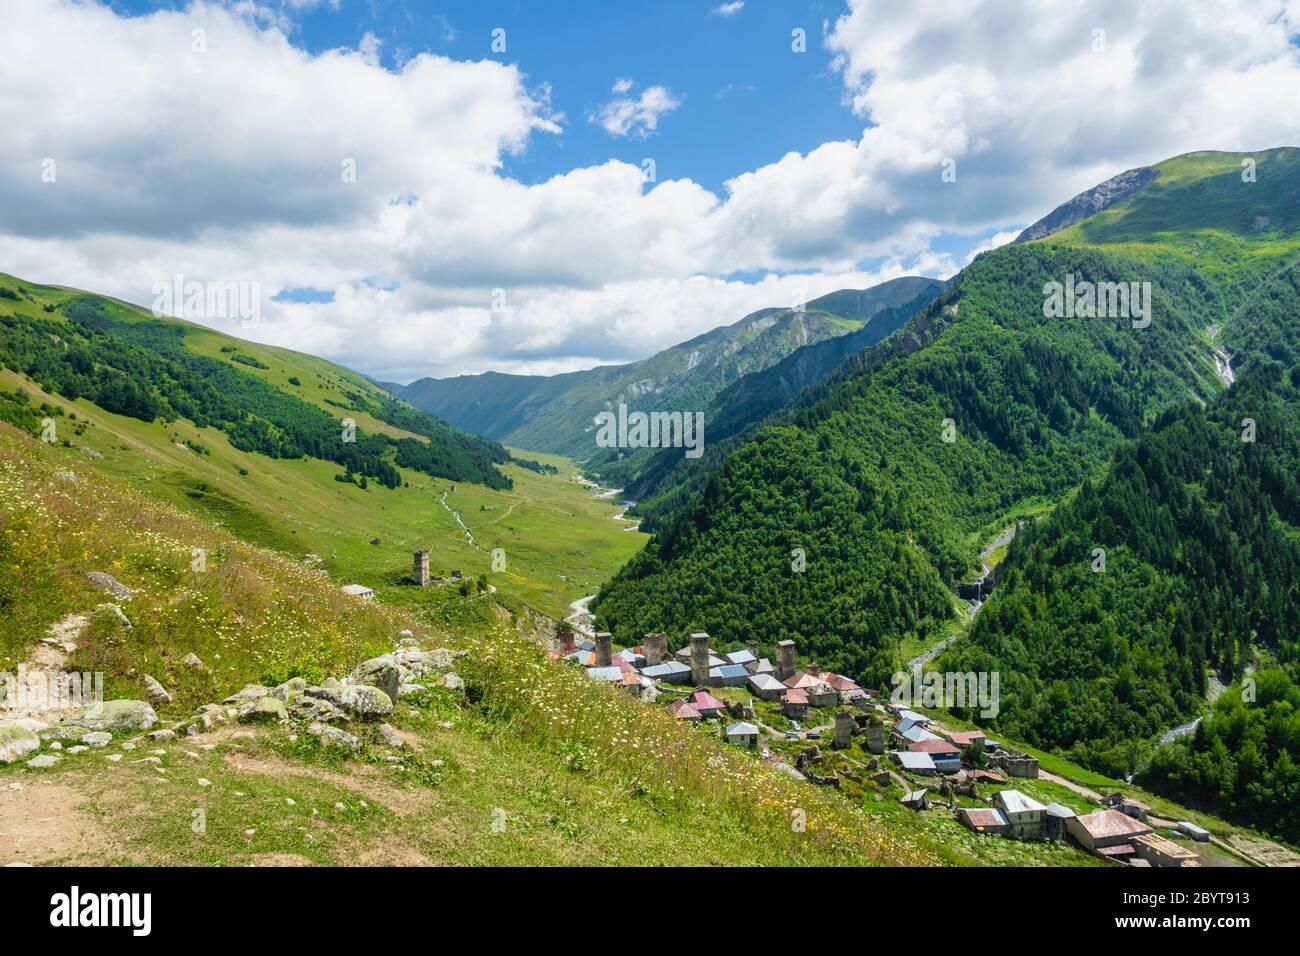 Montagna e paesaggio villaggio di Svaneti al trekking e percorso escursionistico vicino al villaggio di Mestia nella regione di Svaneti, patrimonio dell'umanità dell'UNESCO in Georgia. Foto Stock